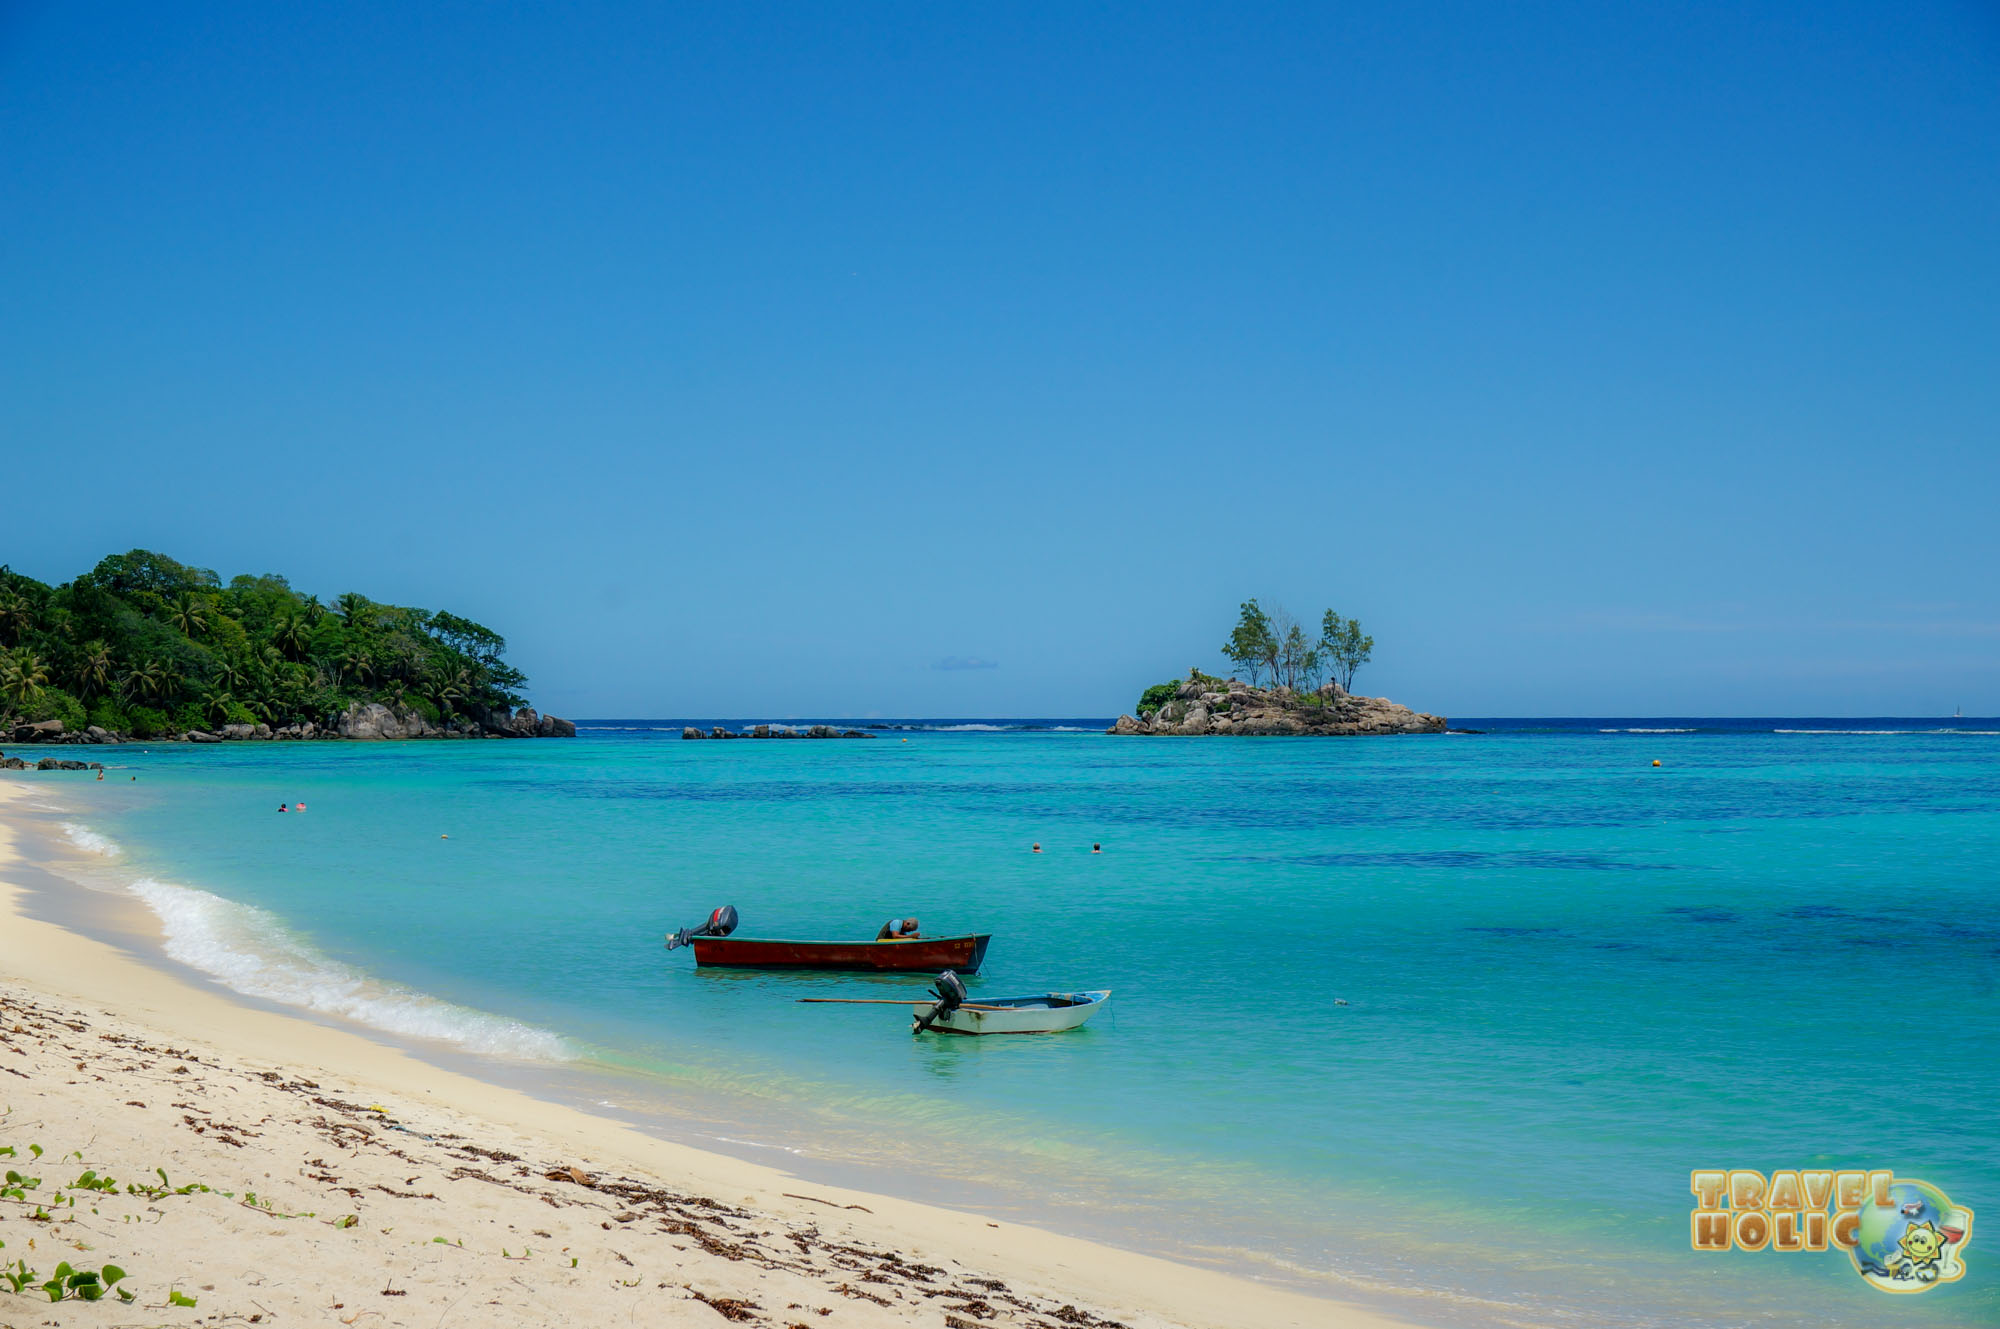 50 nuances de bleu sur l'île de Mahé aux Seychelles